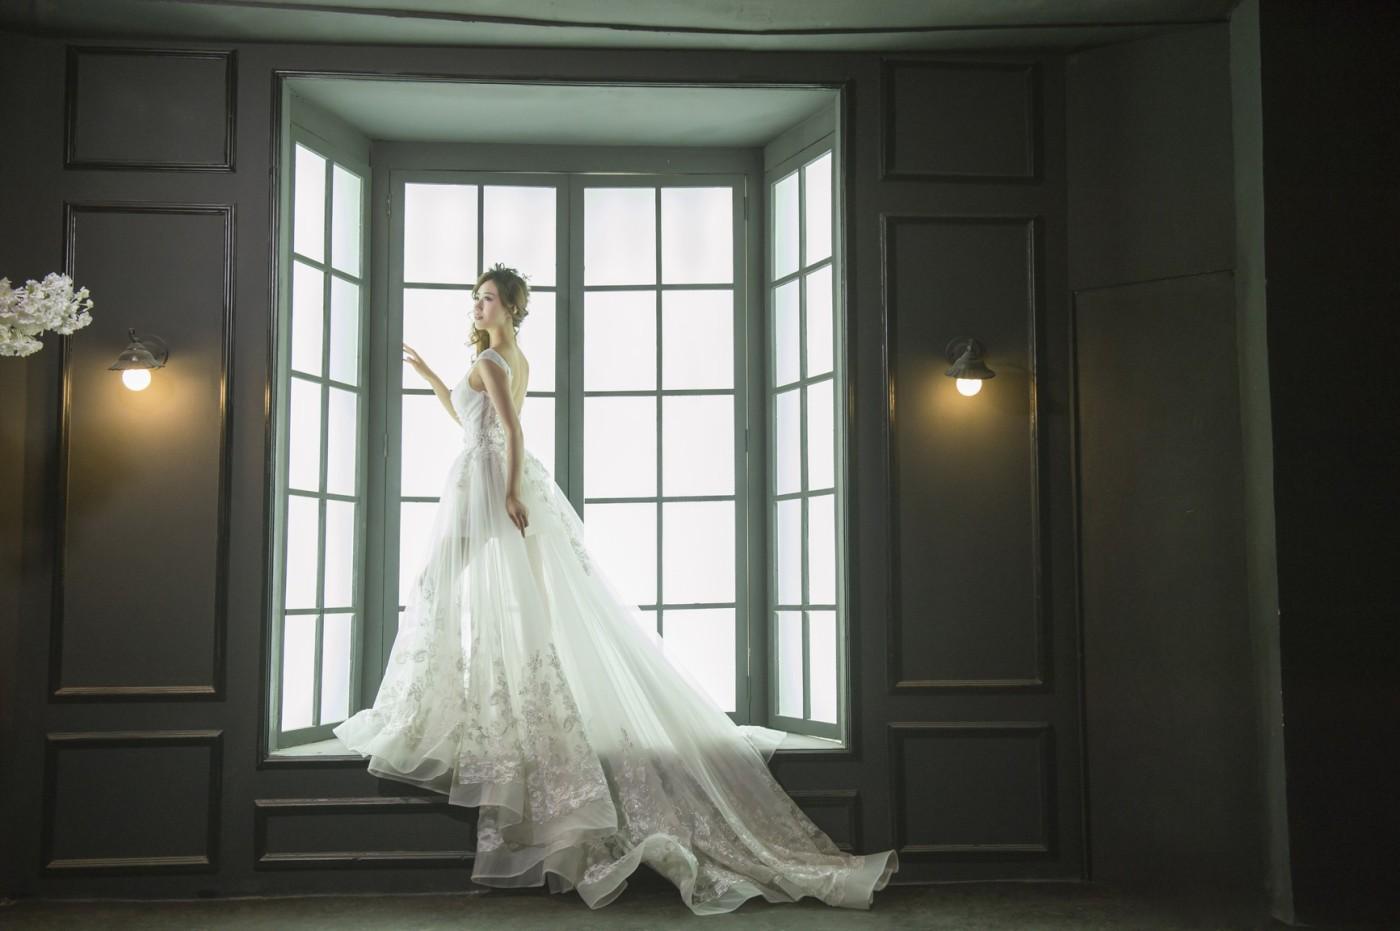 海外婚紗攝影工作室-徕丽婚纱摄影